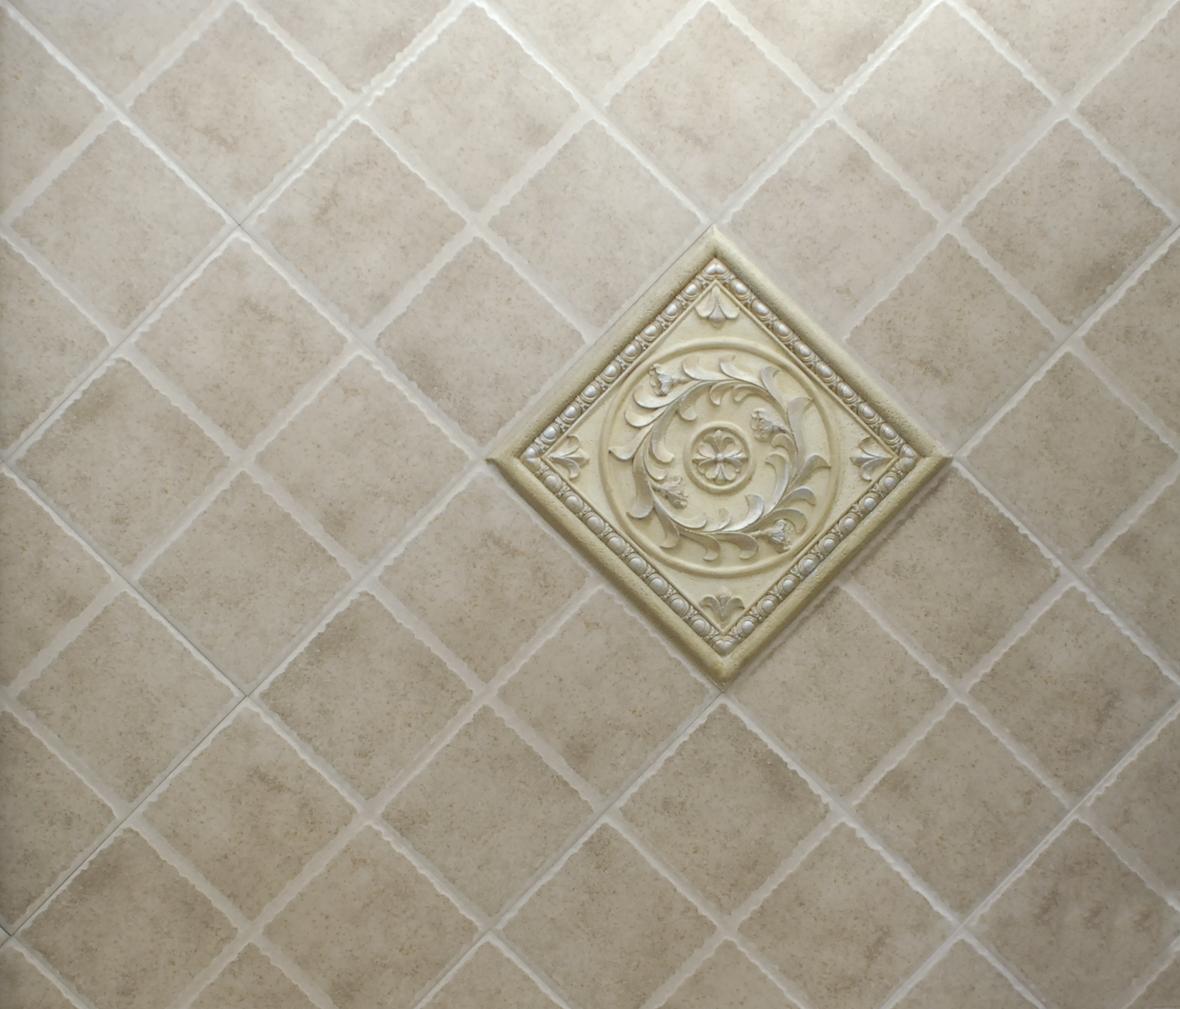 欧式卫生间墙砖贴图素材